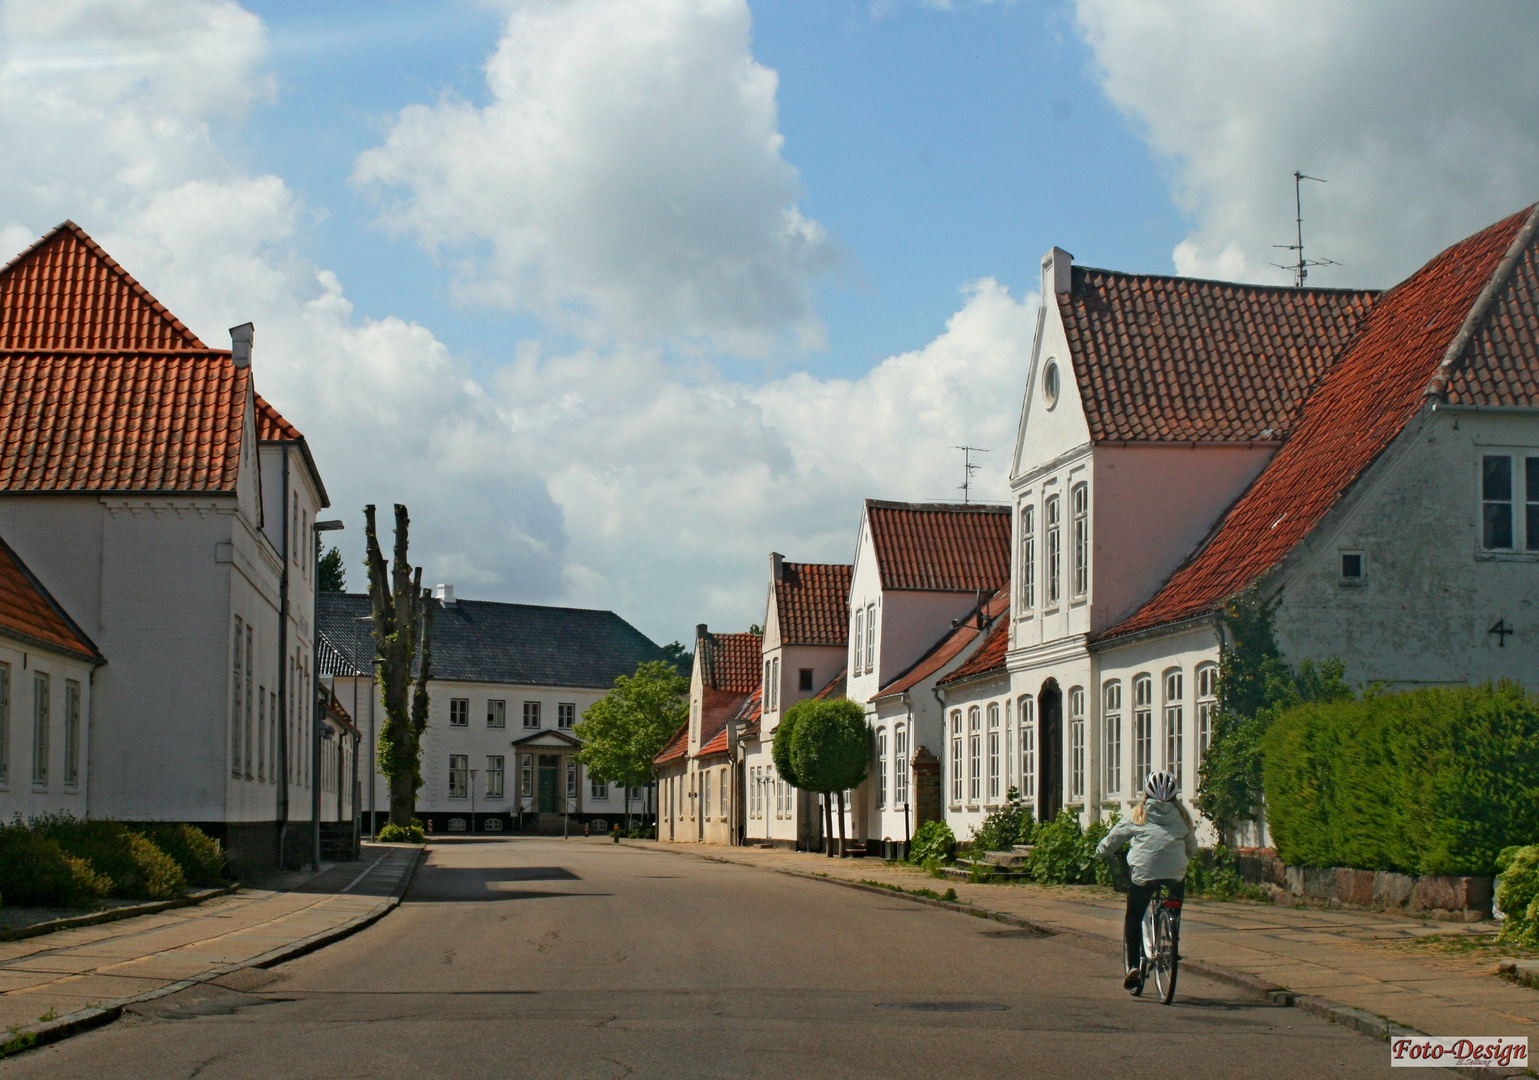 Dänische Dorfidylle